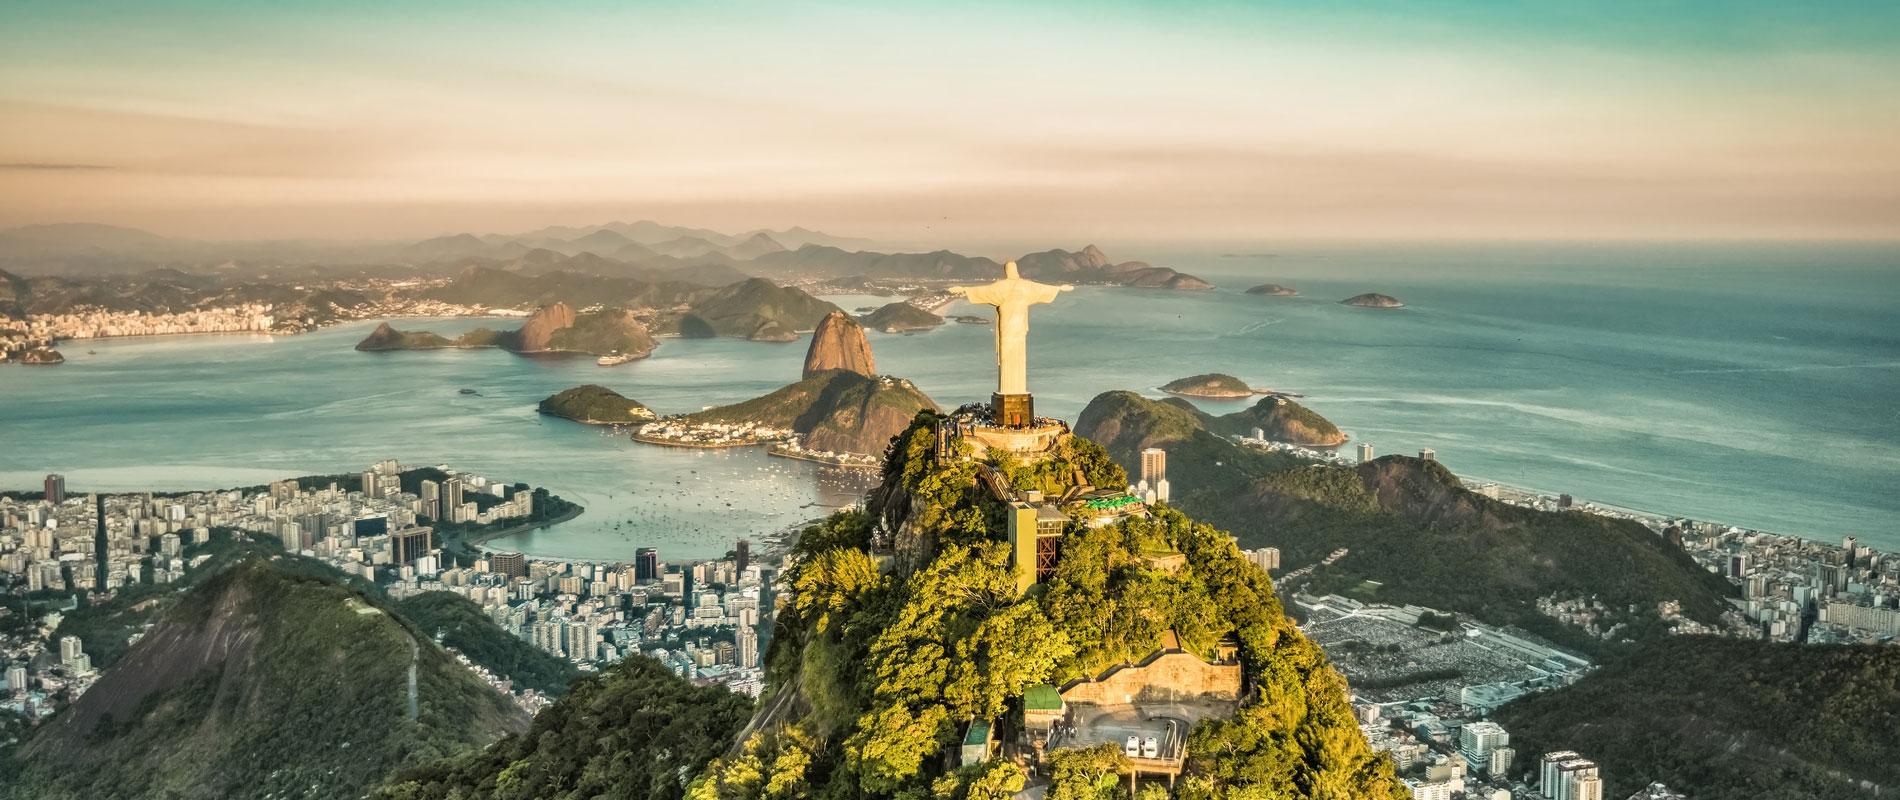 Brésil |Rio de Janeiro